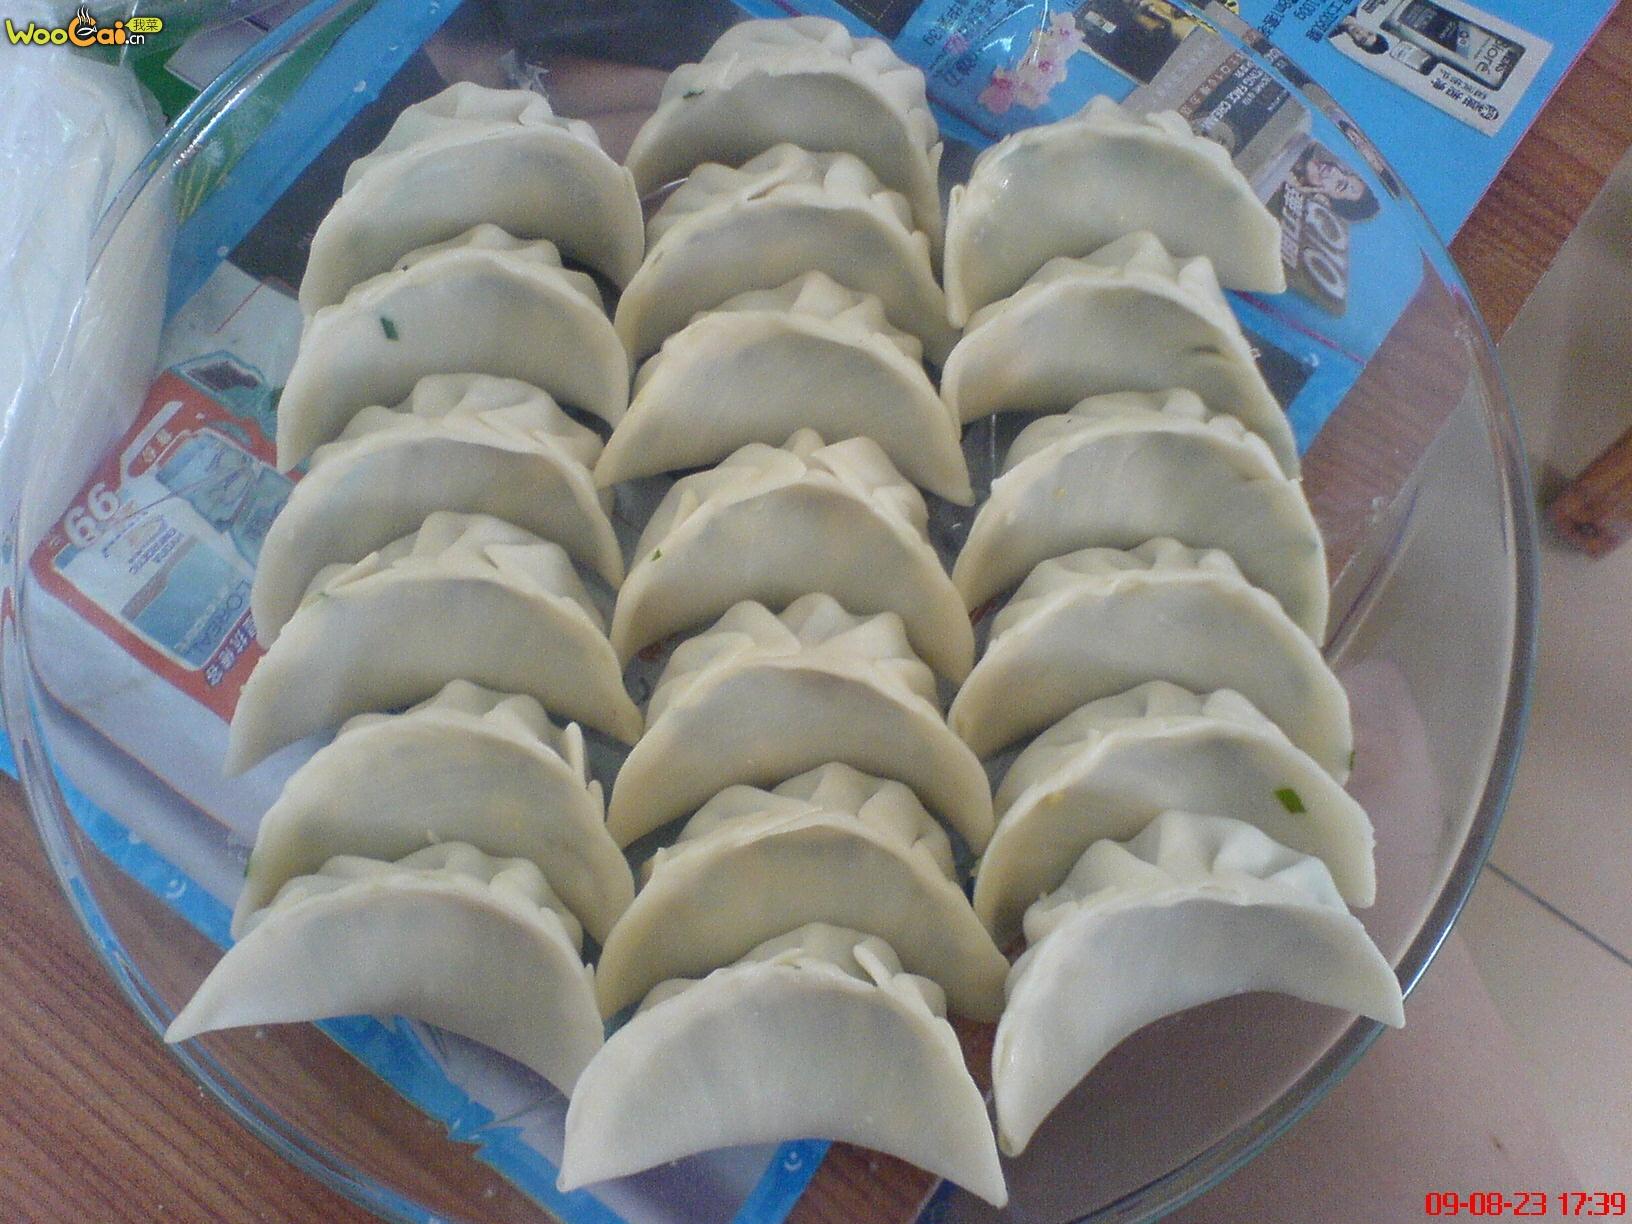 广式饺子 简单的写一下推荐理由吧